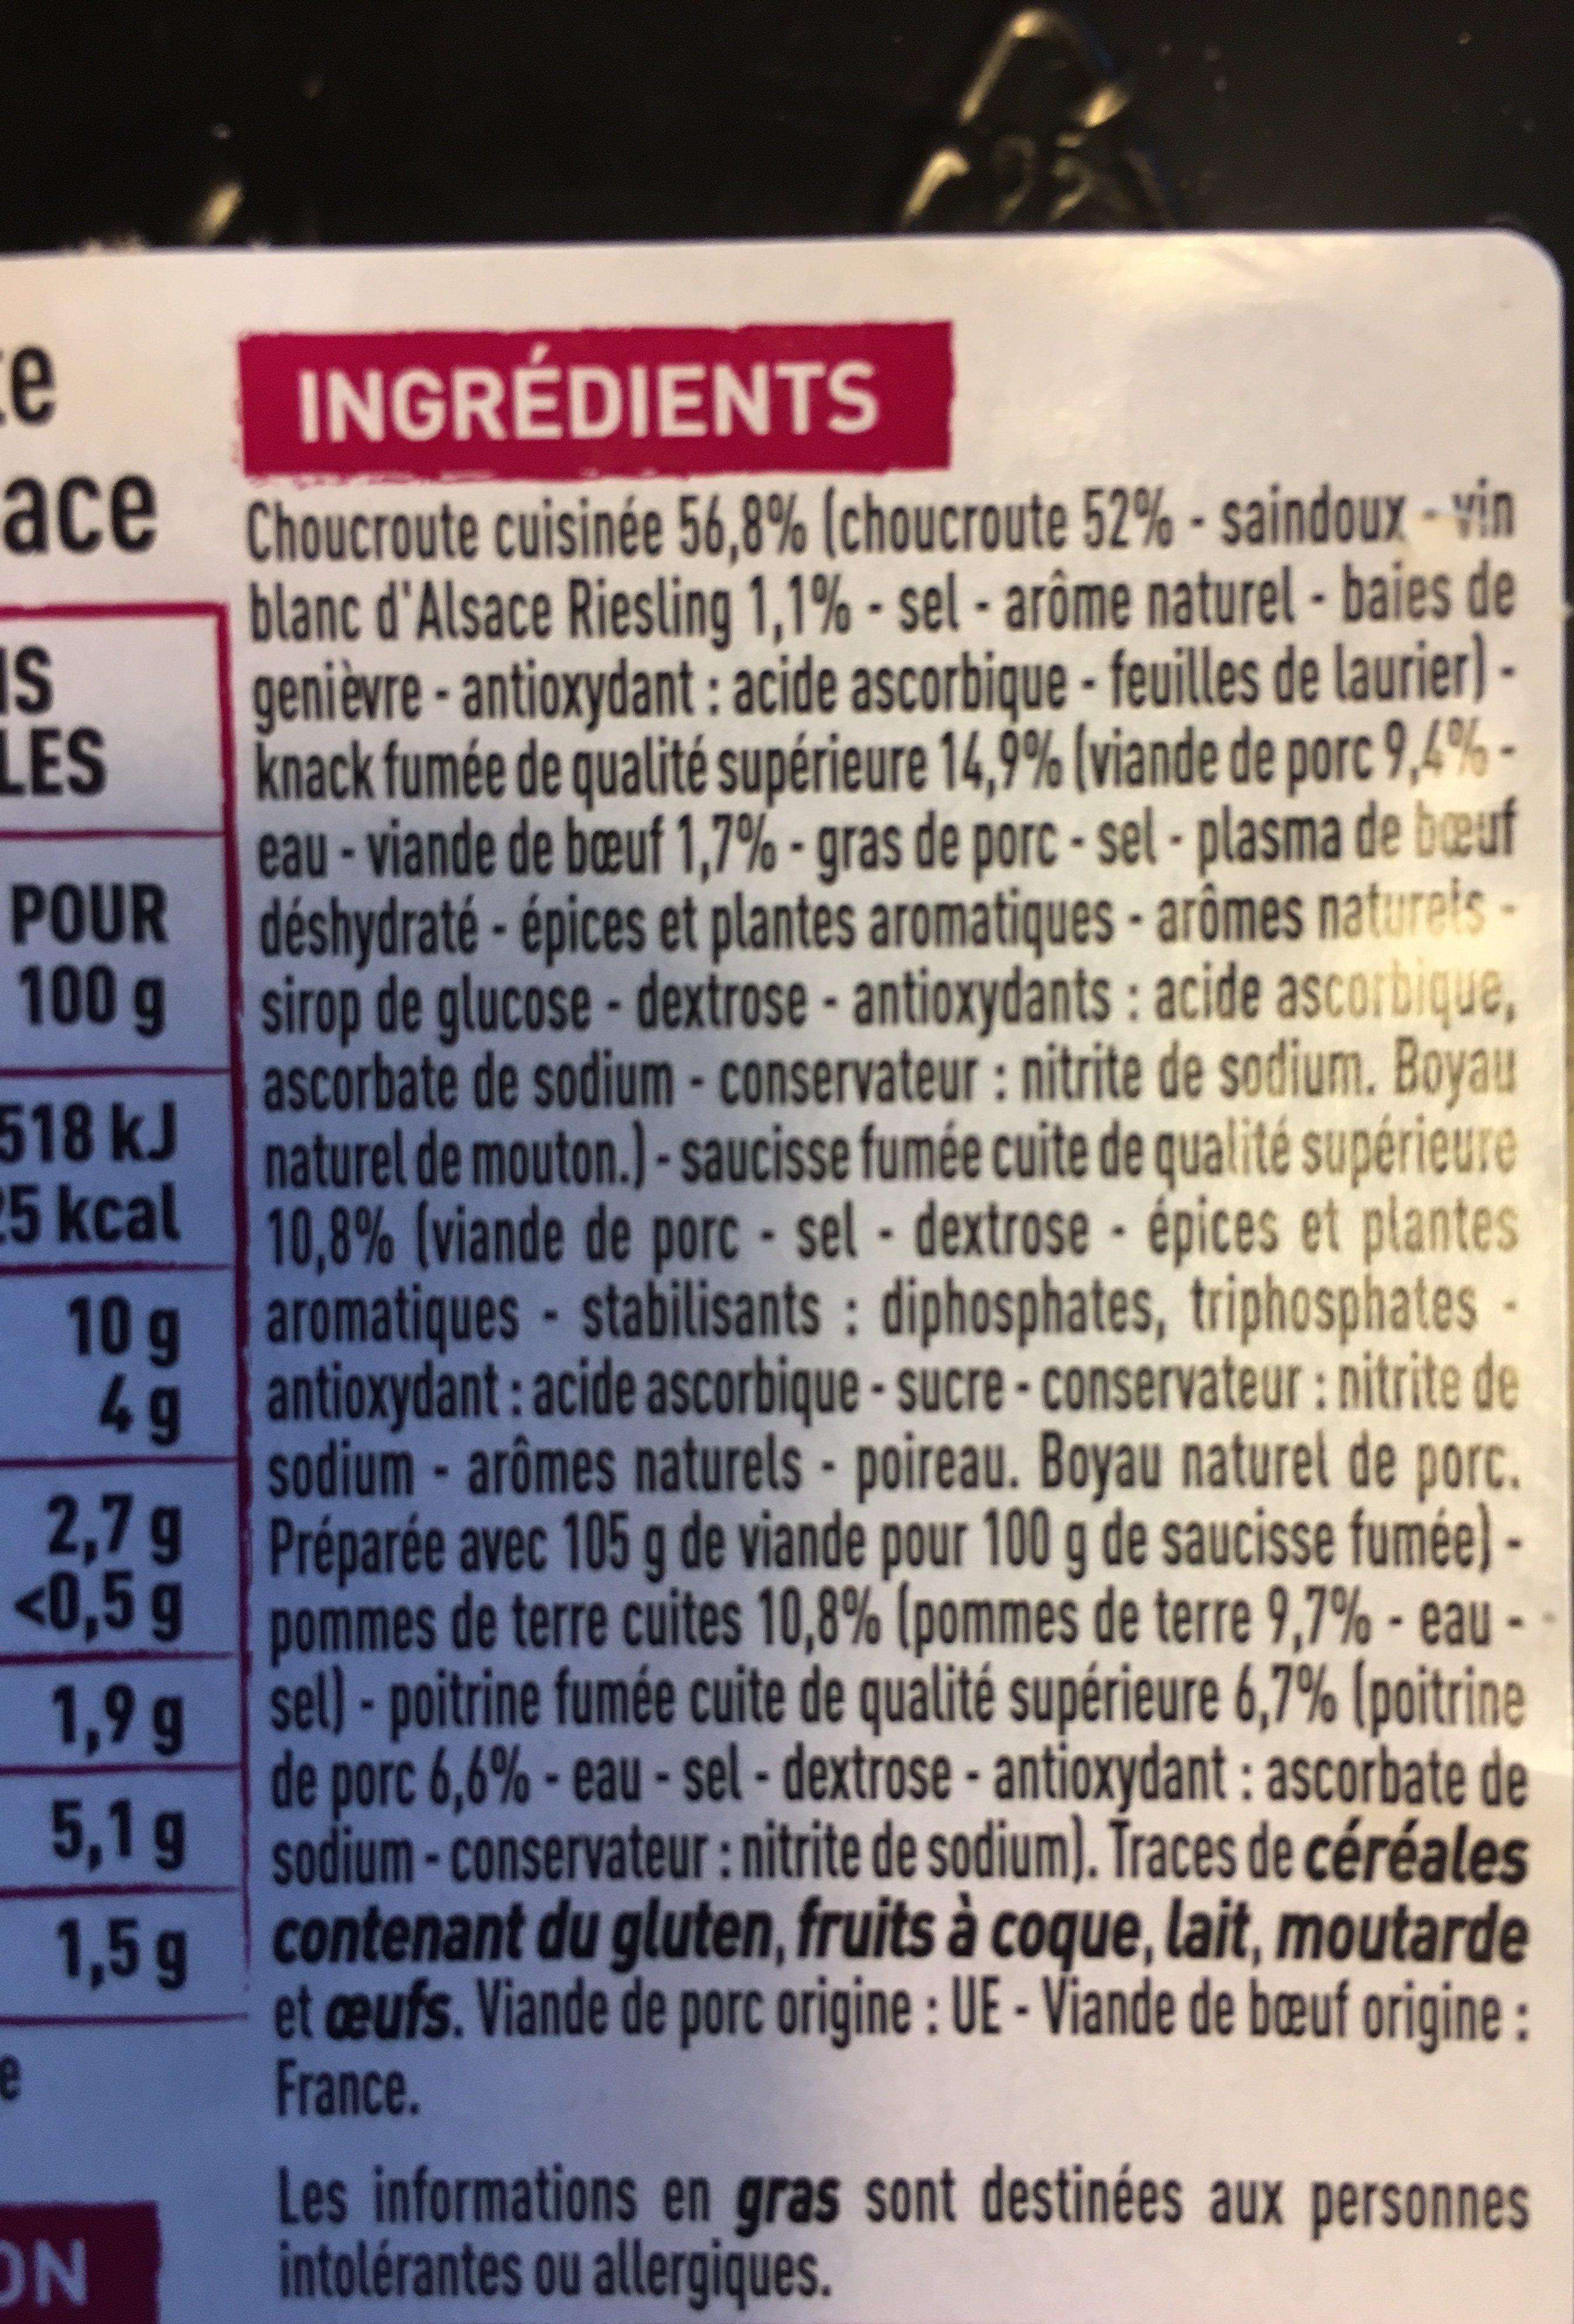 Choucroute garnie d'Alsace cuisinée au riesling - Ingrédients - fr